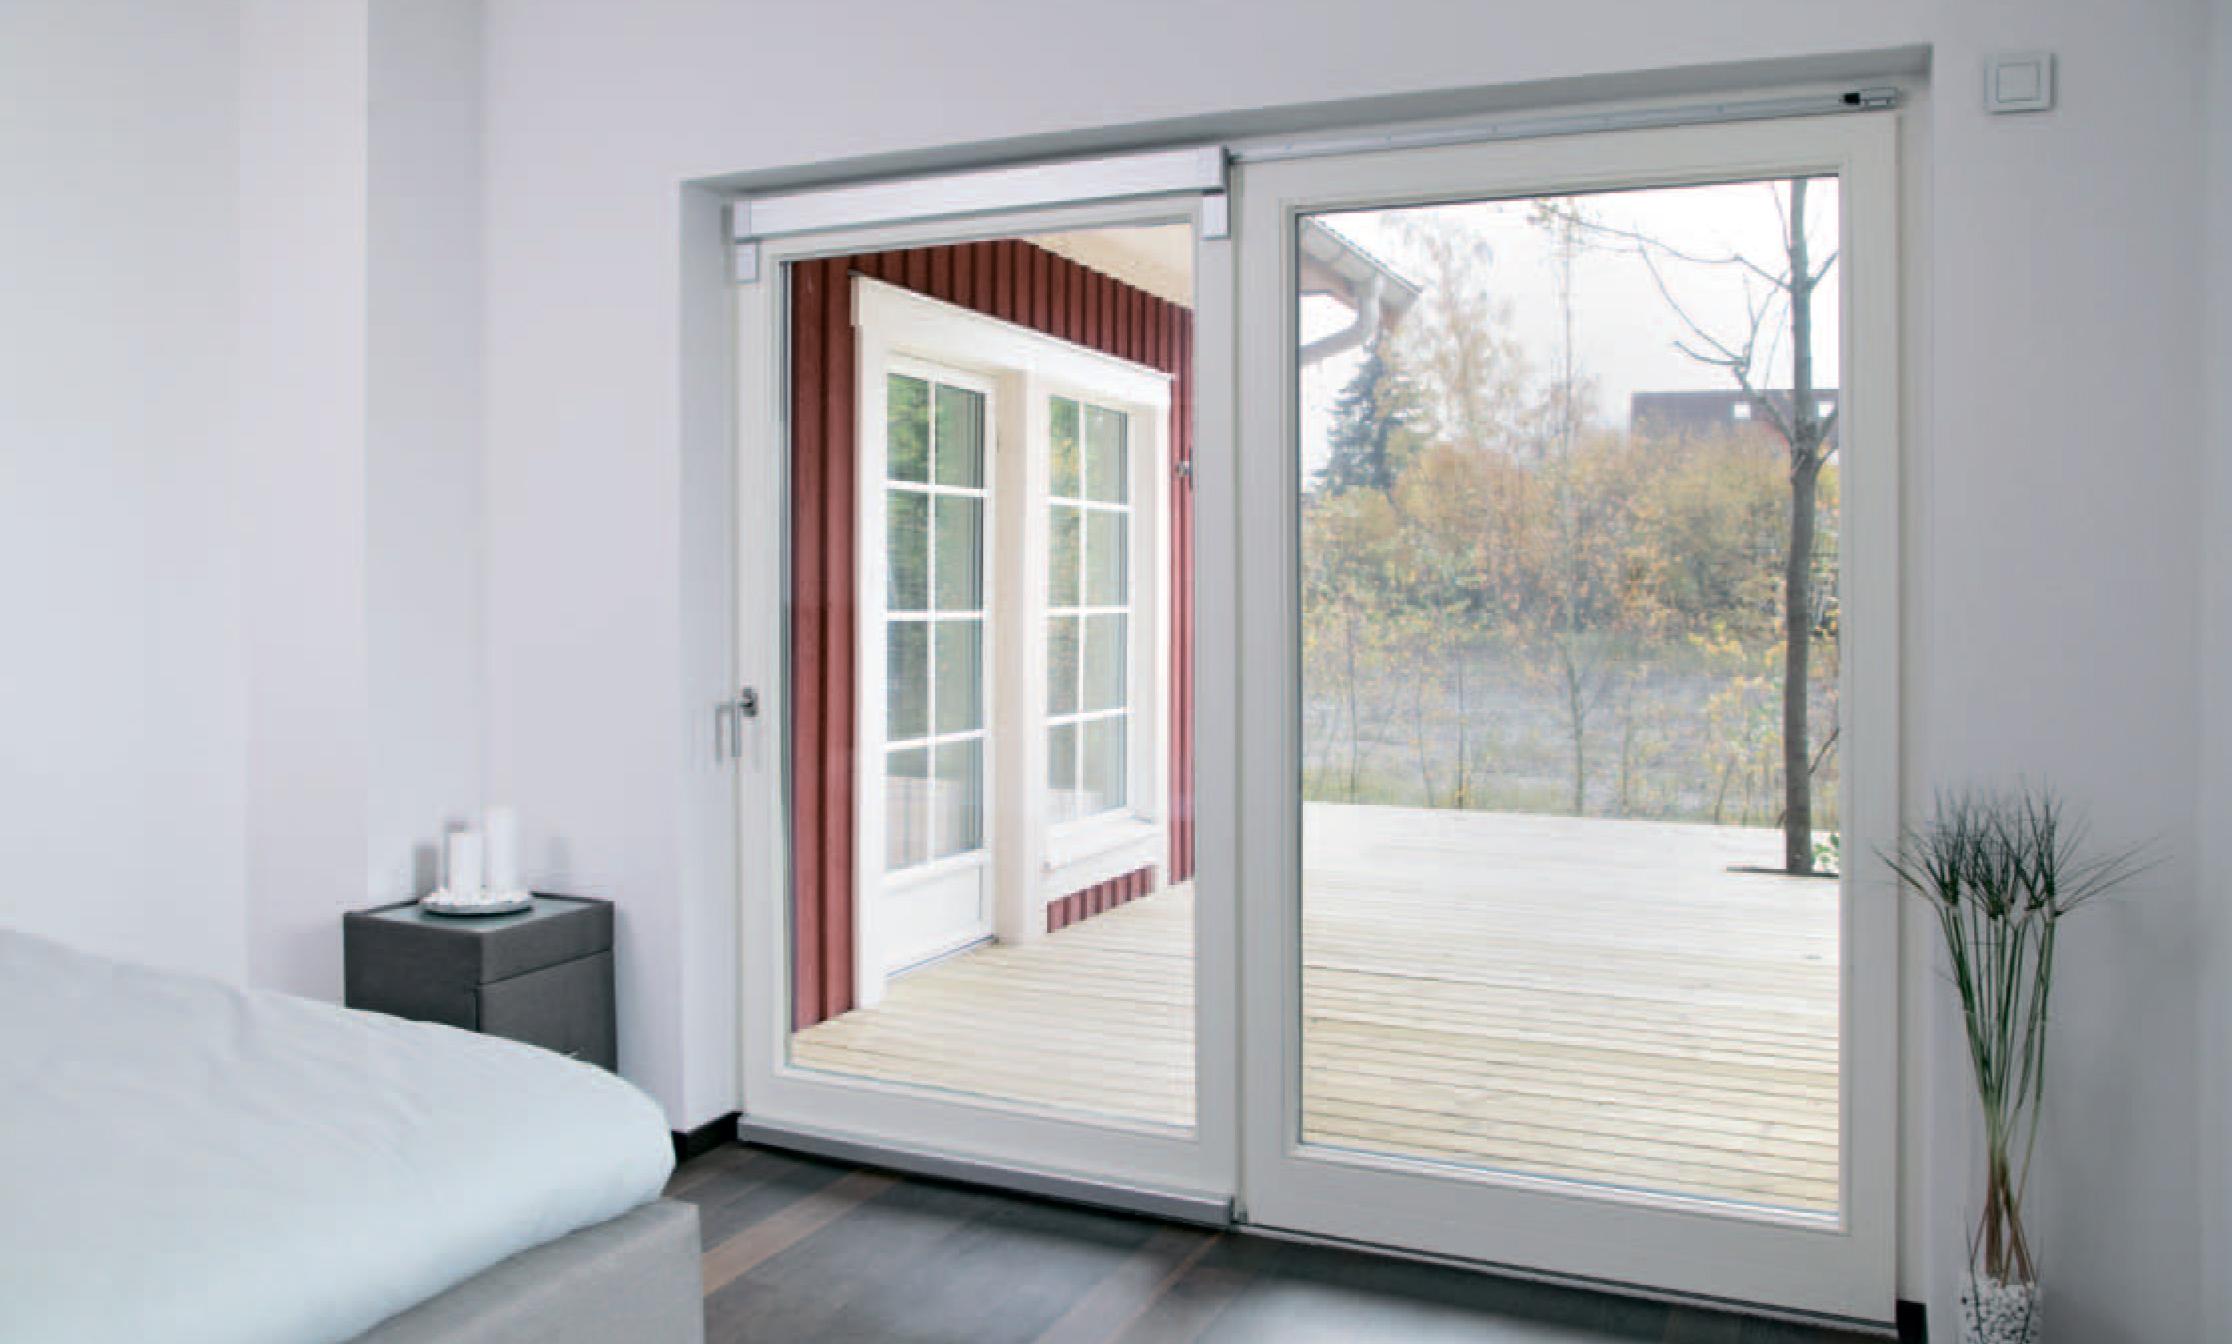 Как выглядит система PSK Portal в квартире или частном доме